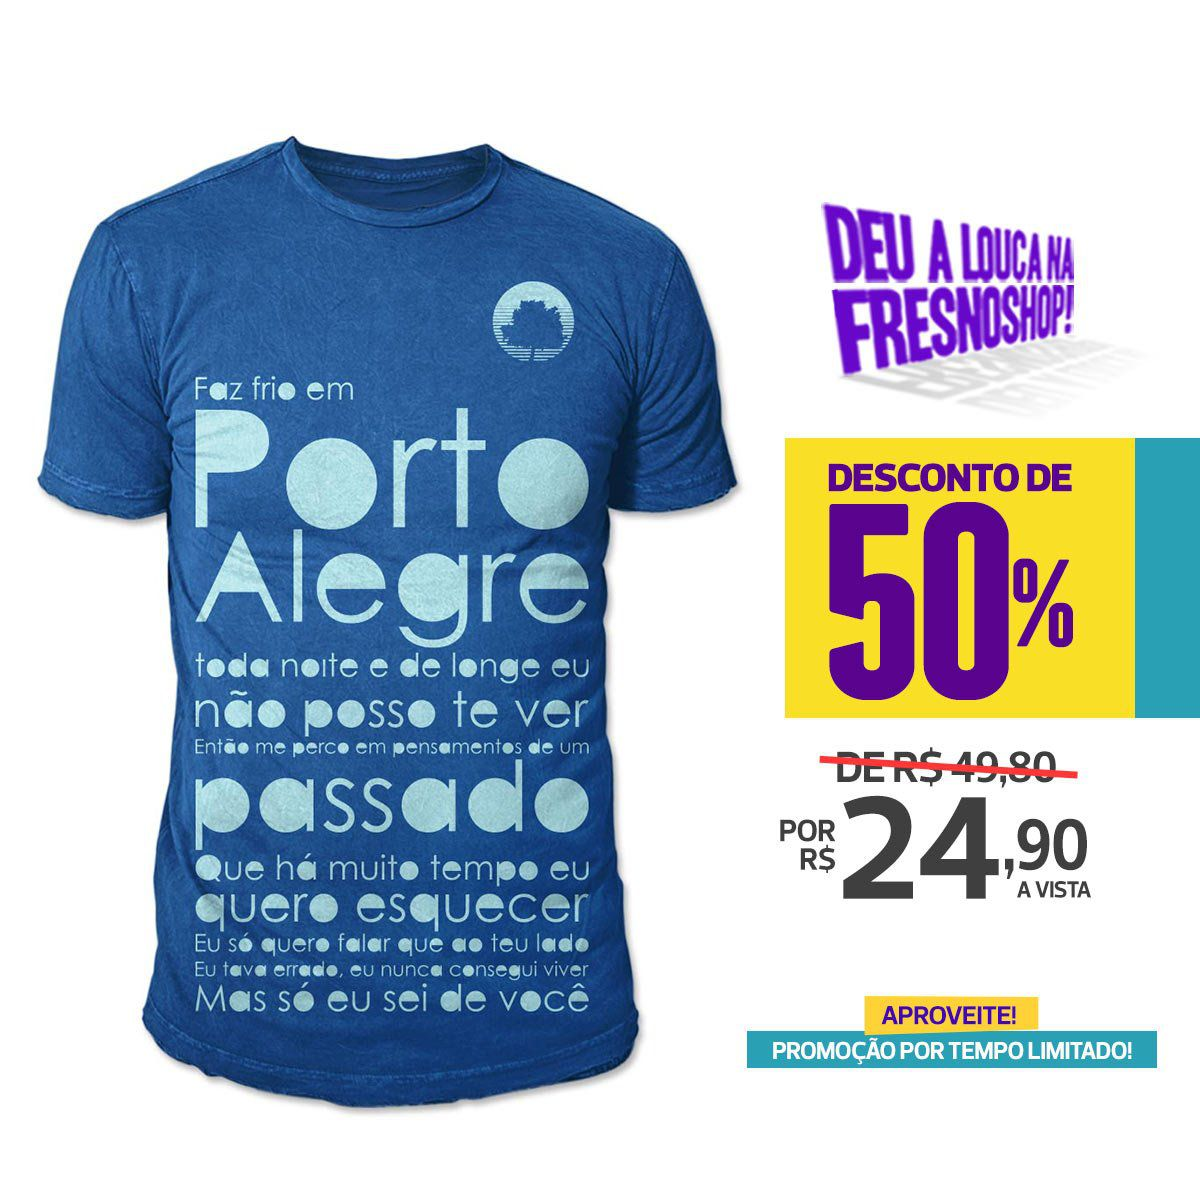 SUPER PROMOÇÃO Fresno - Camiseta Masculina Porto Alegre AZUL